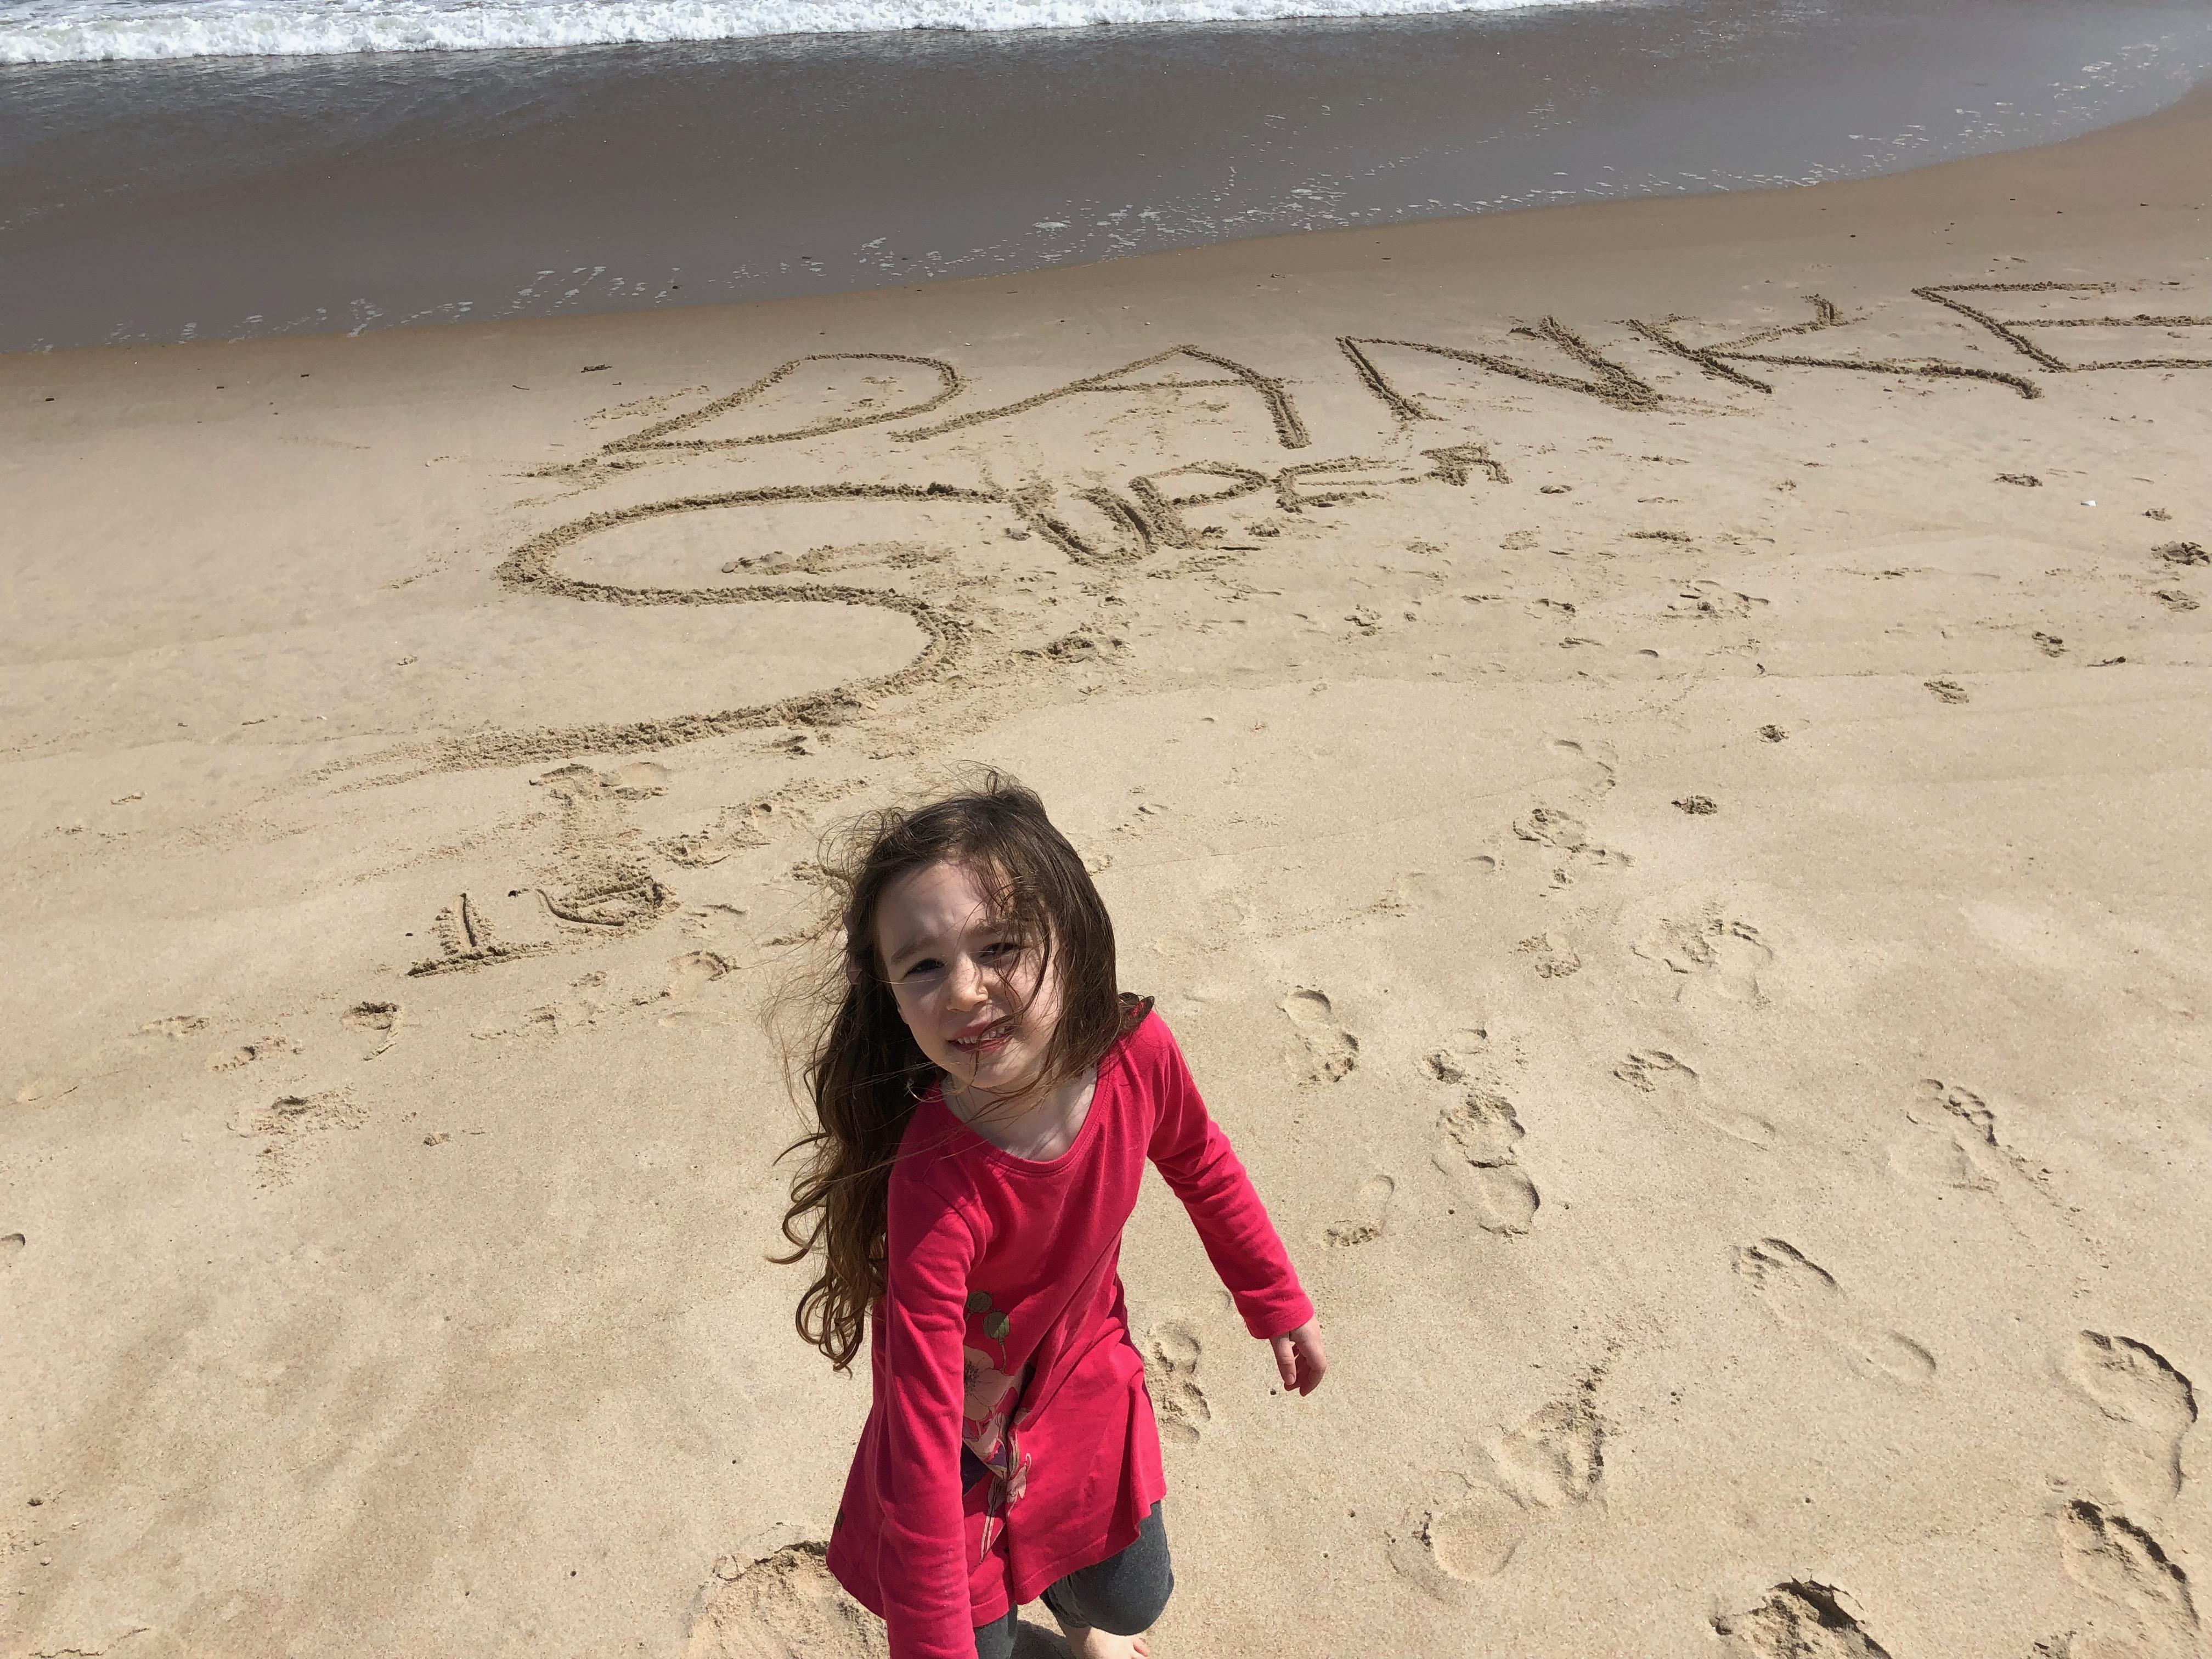 DankeSuper Hamptons Sand